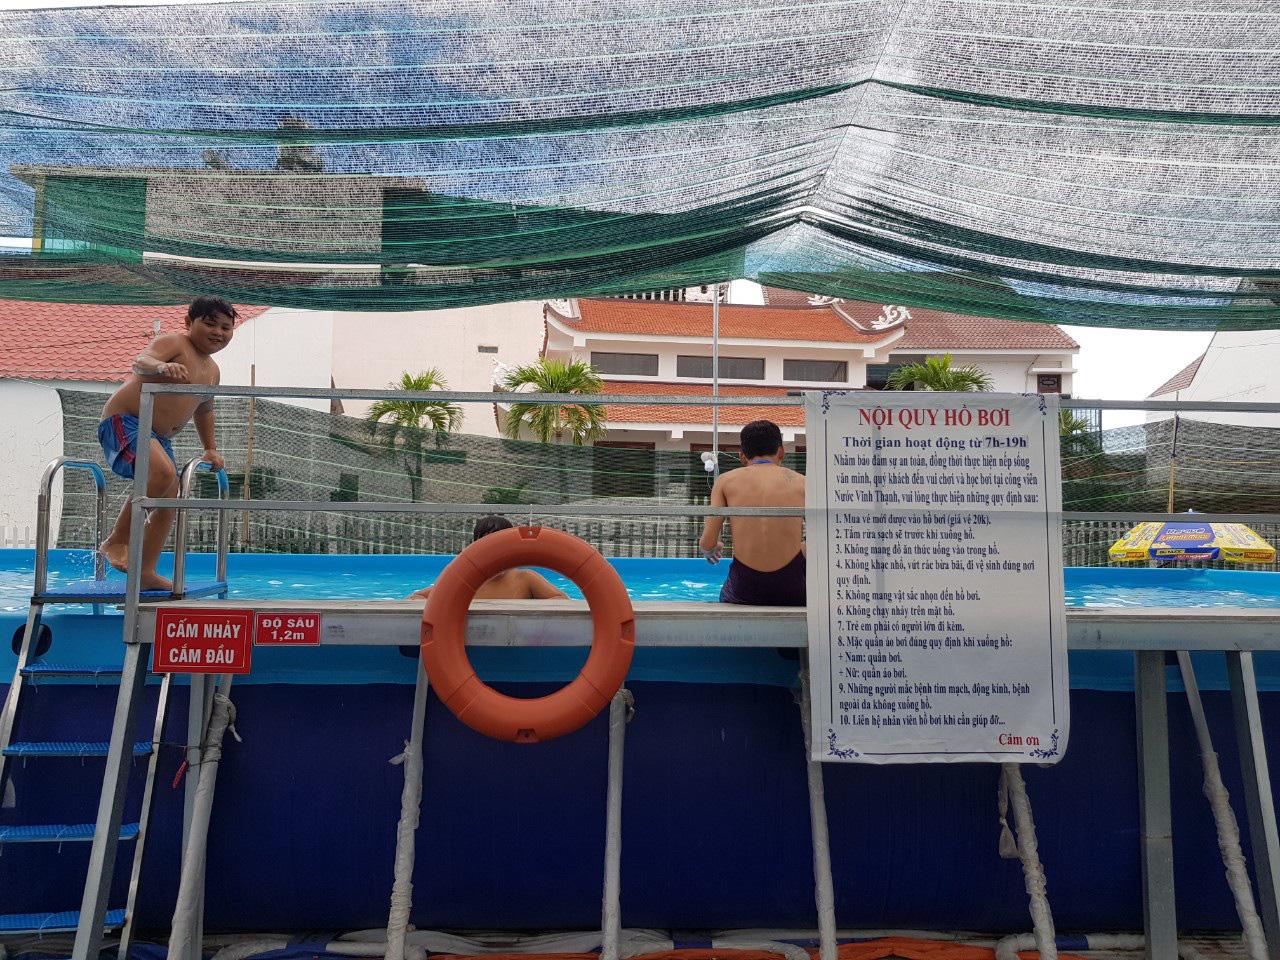 Thầy giáo đầu tư hồ bơi cho học sinh vùng ven học bơi dịp hè - Ảnh 4.